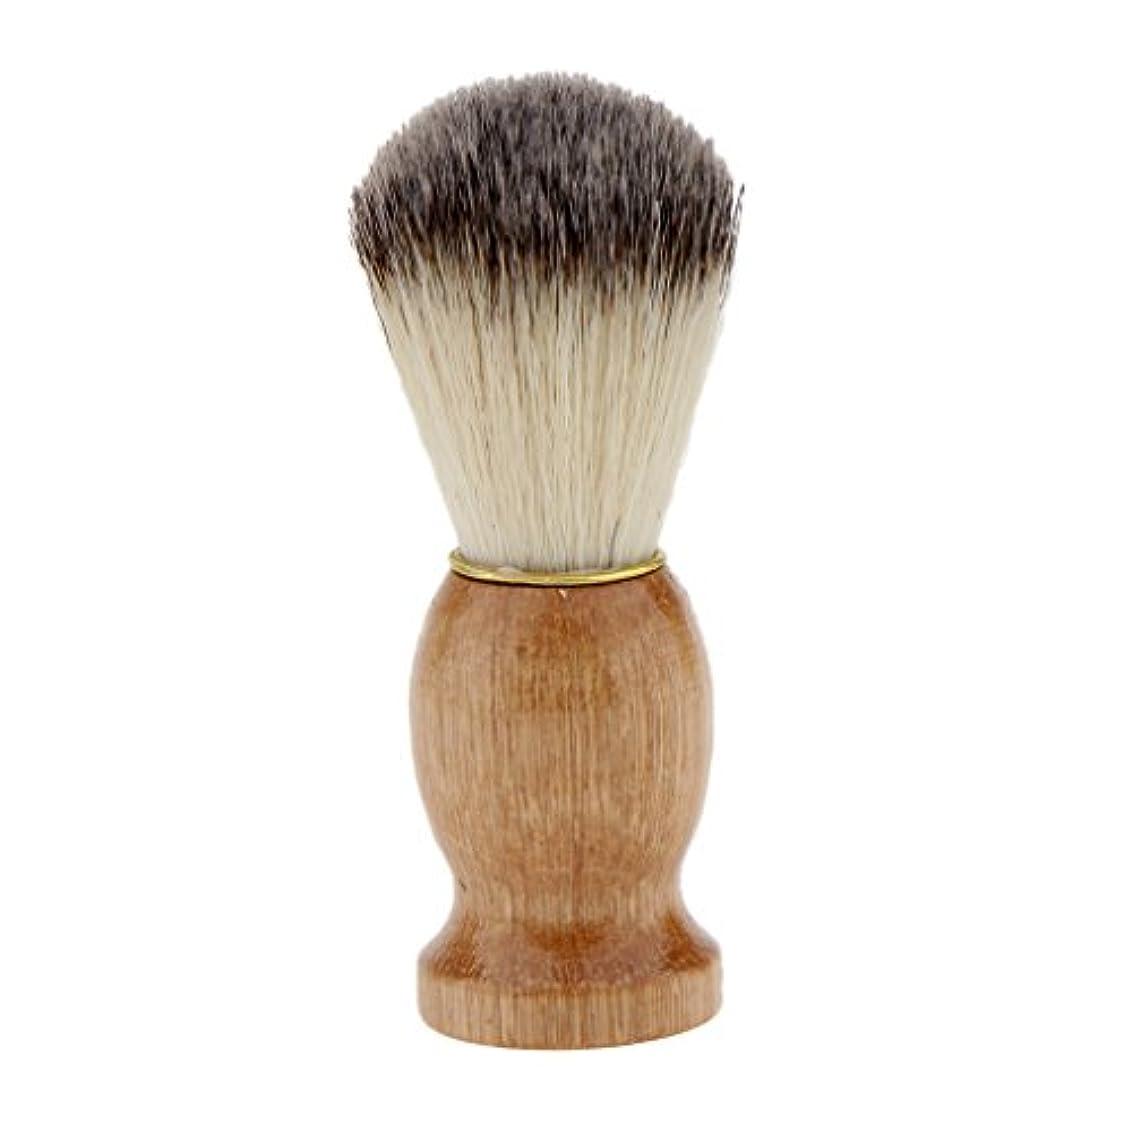 時代アンカー露出度の高いCUTICATE シェービングブラシ 理容師 シェービングブラシ ひげ剃りブラシ コスメブラシ 木製ハンドル